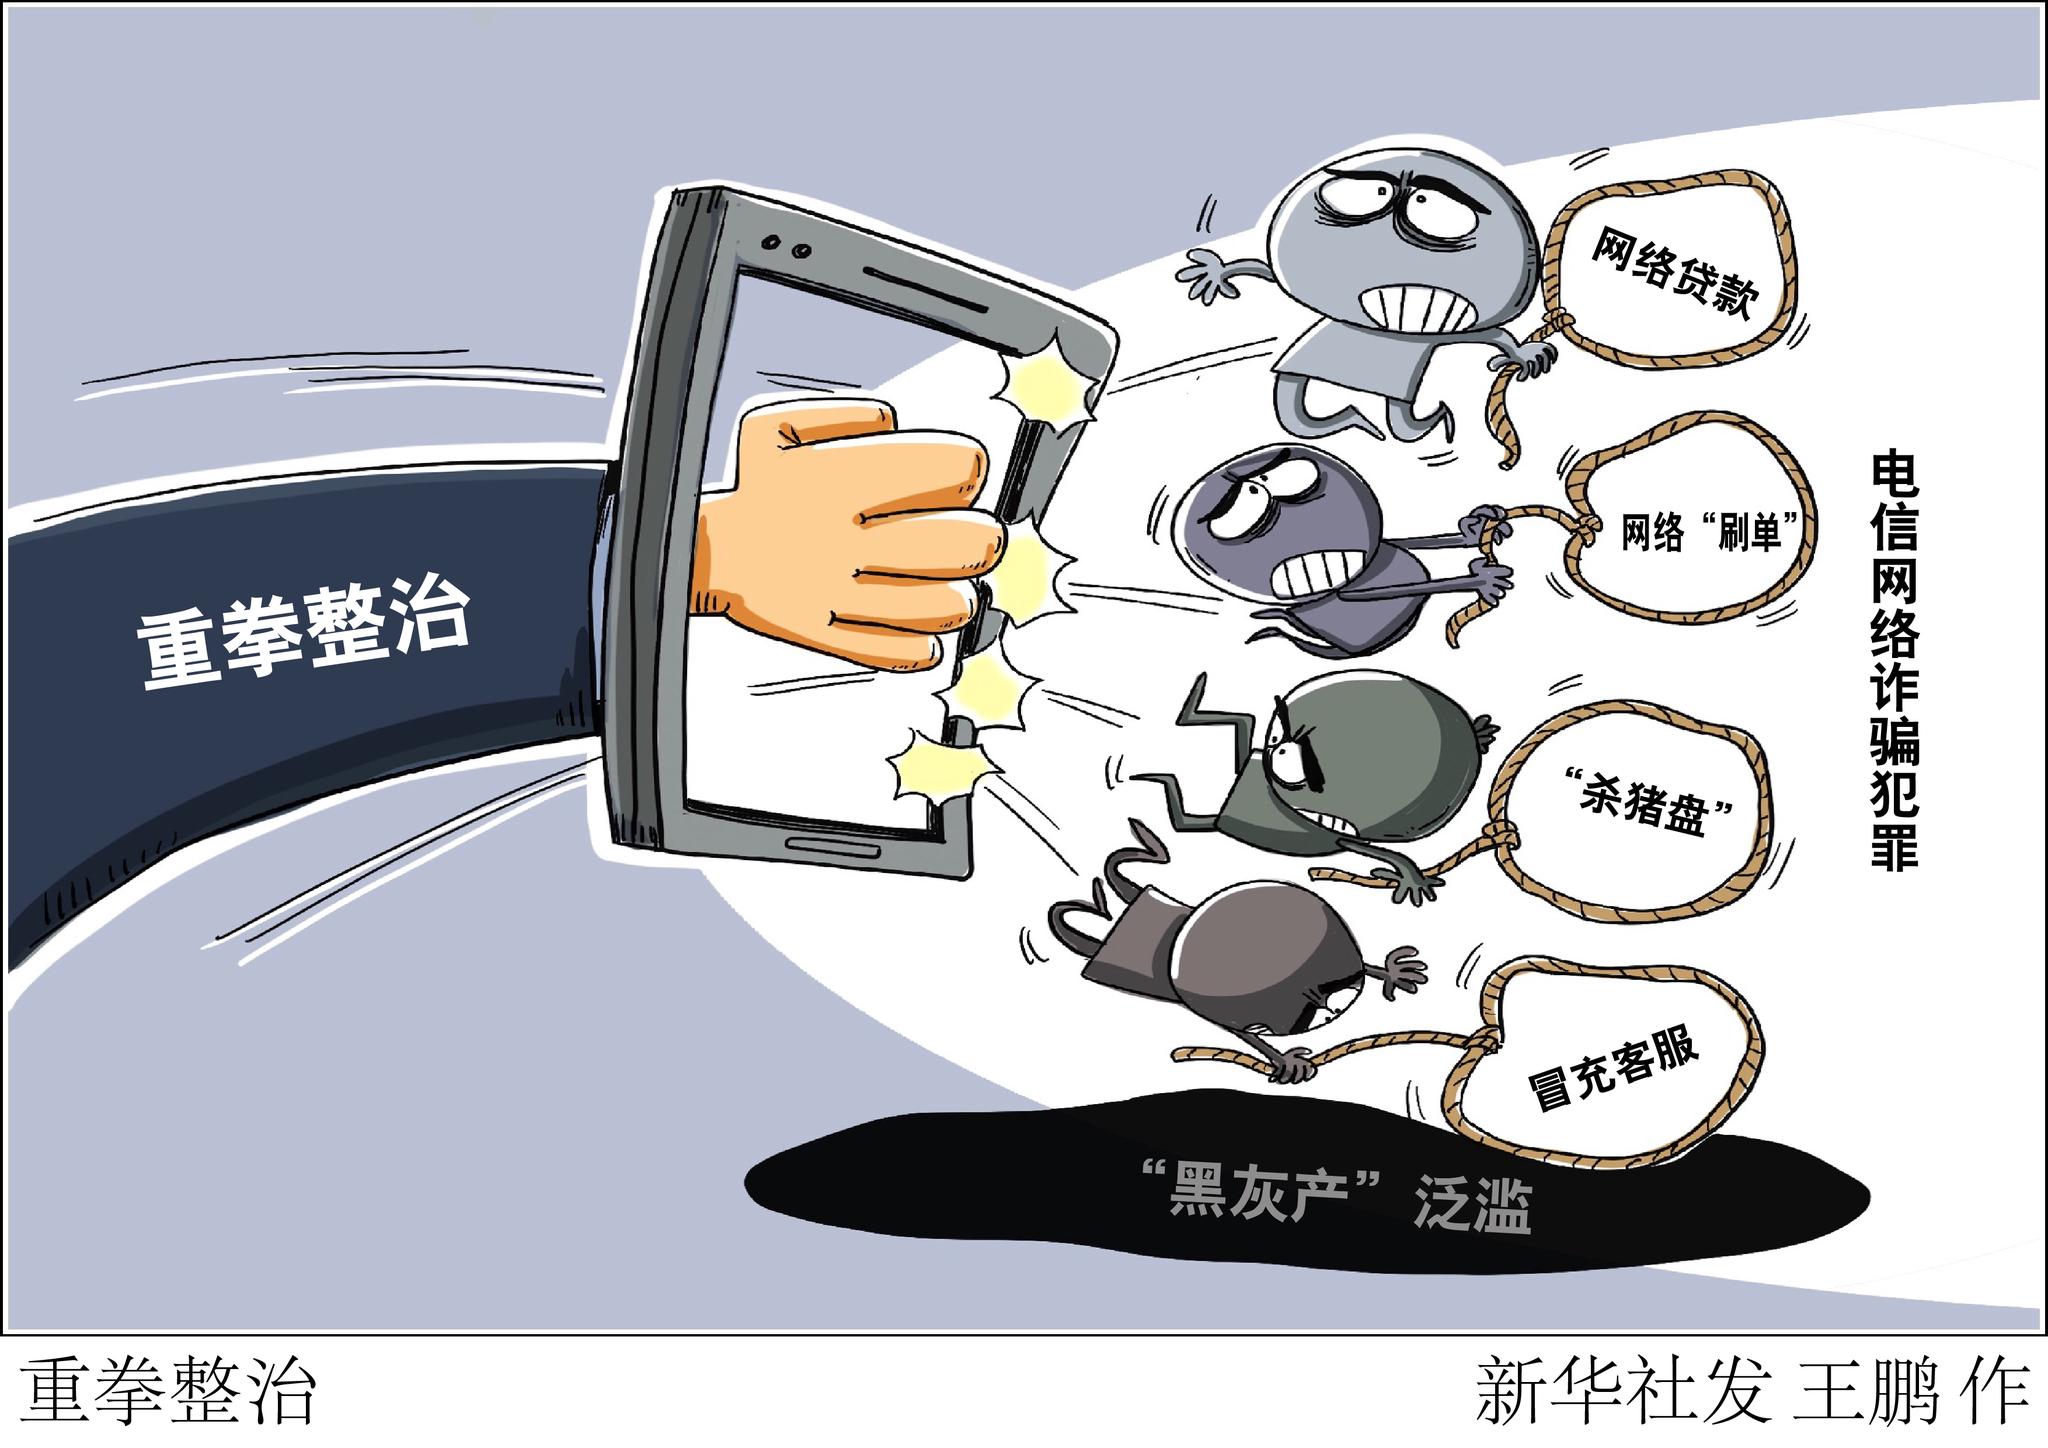 """数据揭示网络犯罪新特点:传统犯罪加速上网、""""三低""""特征明显、黑灰产业生态圈逐步发展形成……"""